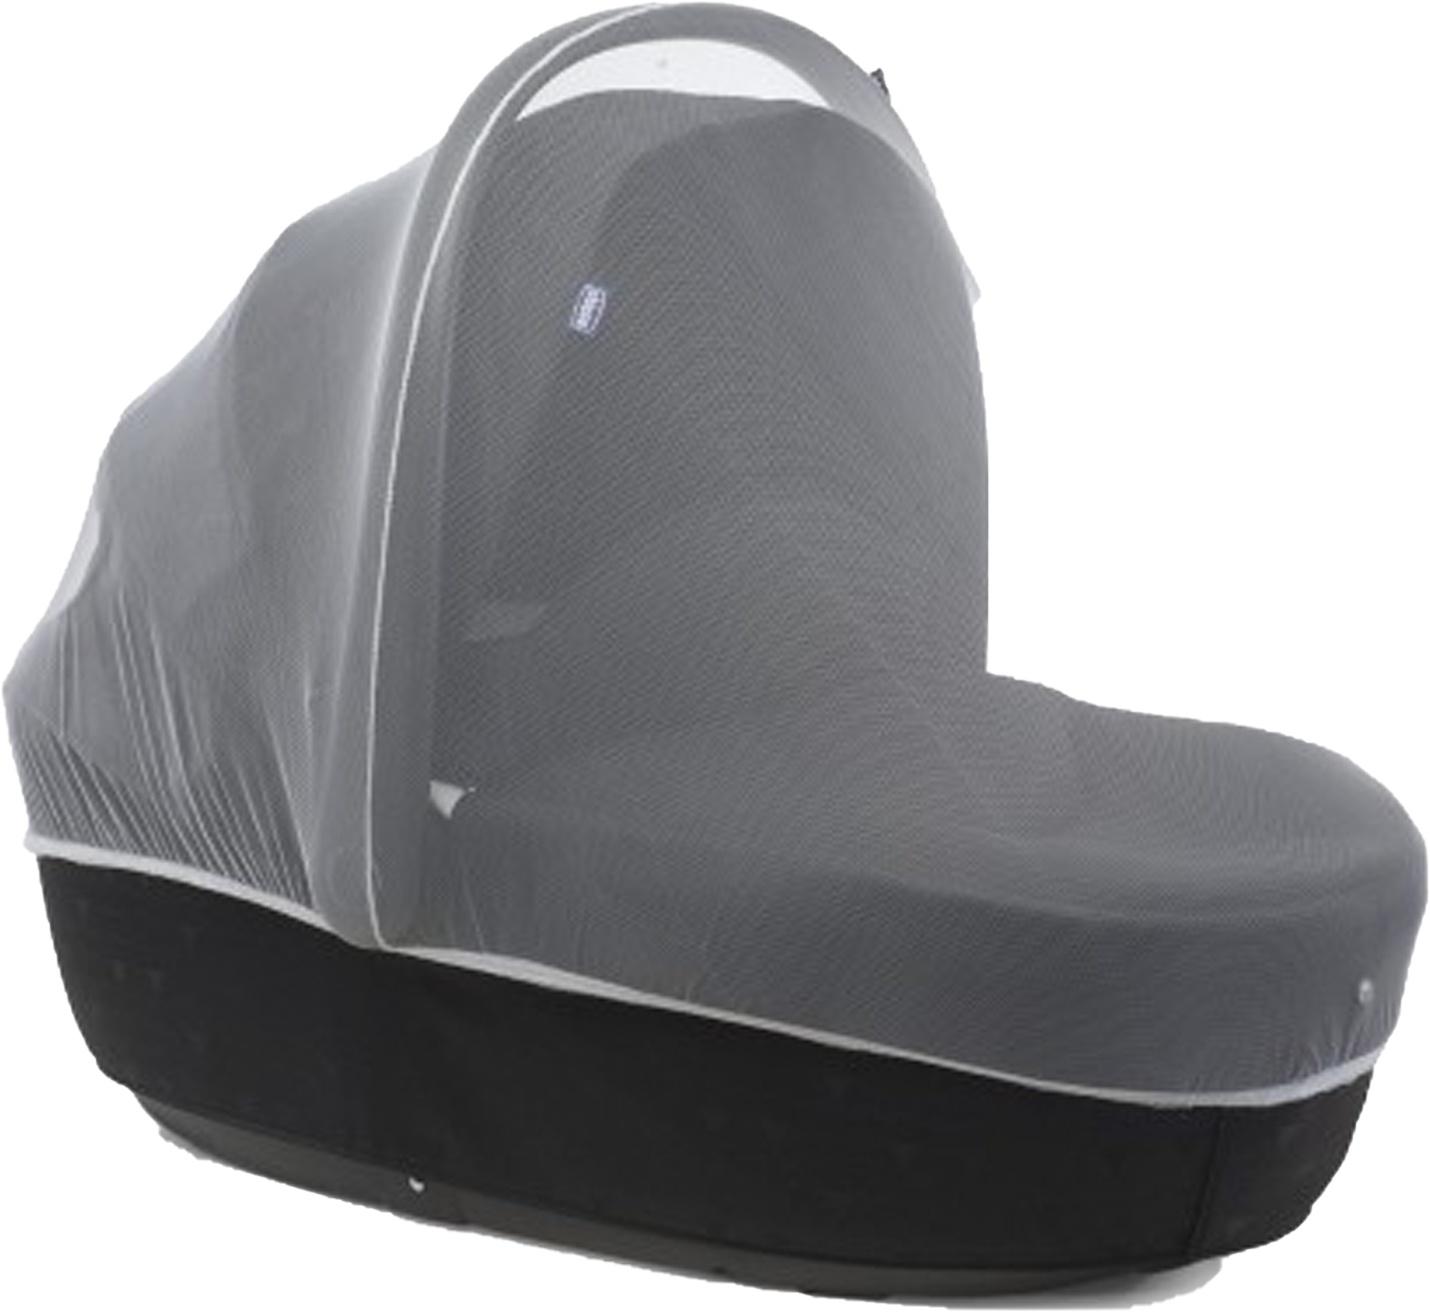 Аксессуар для колясок Chicco 66813 phil and teds комплект дождевик и москитная сетка для люльки phil and teds peanut cover set